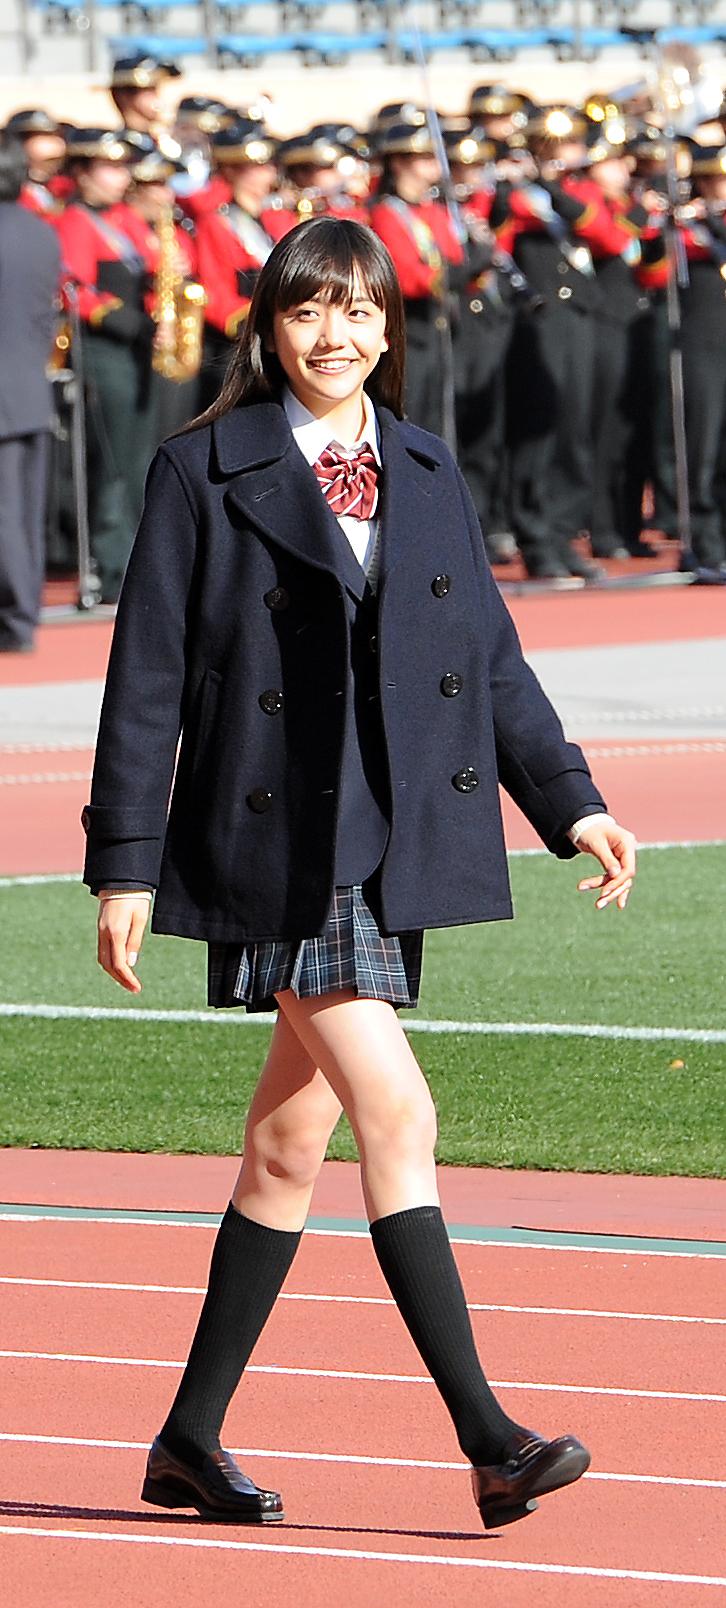 開会式に登場した大会の応援マネジャーの松井愛莉(13年12月30日)